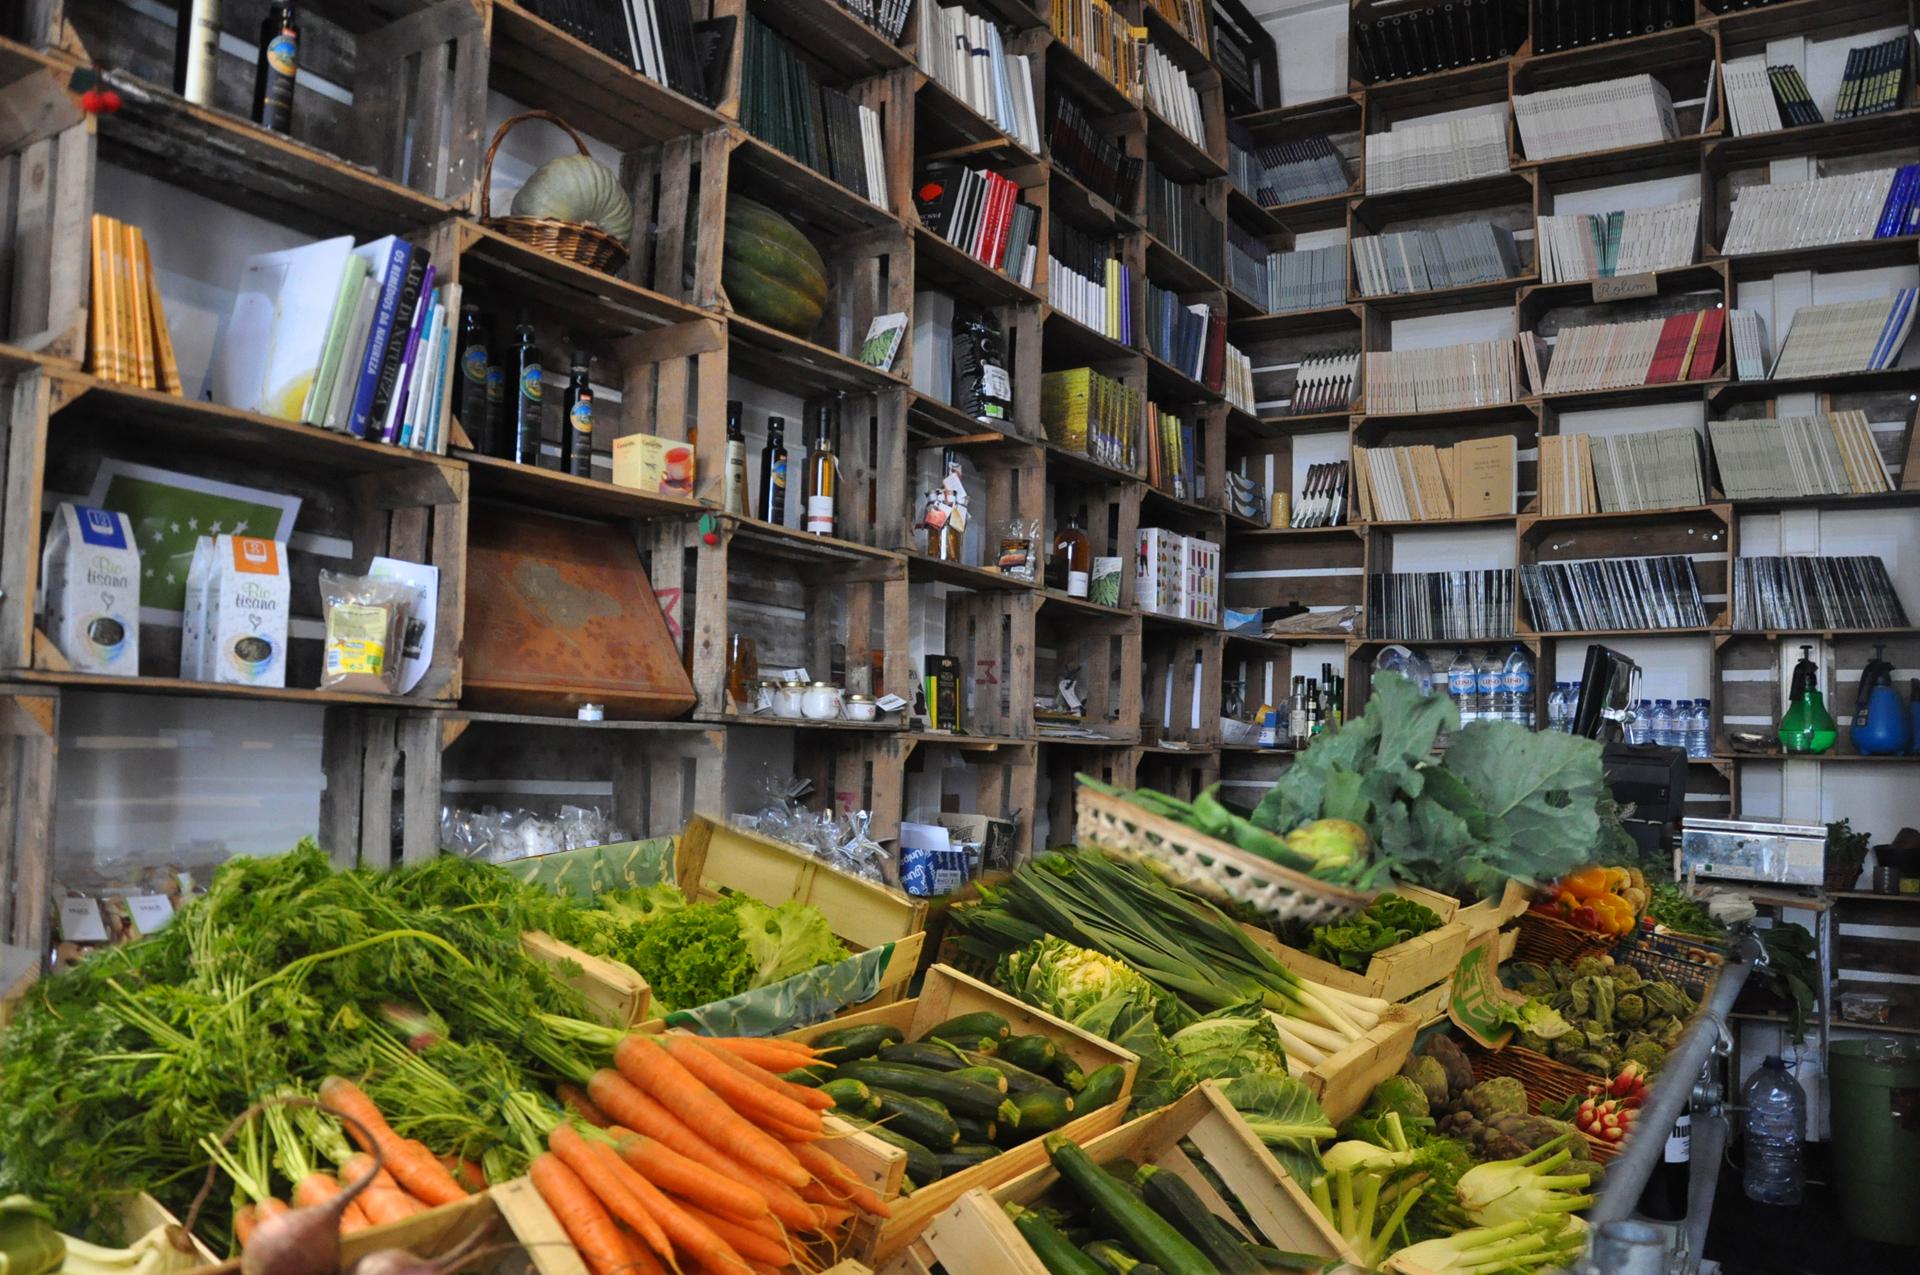 פורטוגל - חנות ספרים - יואל שתרוג - אדמה יוצרת - yoel sitruk